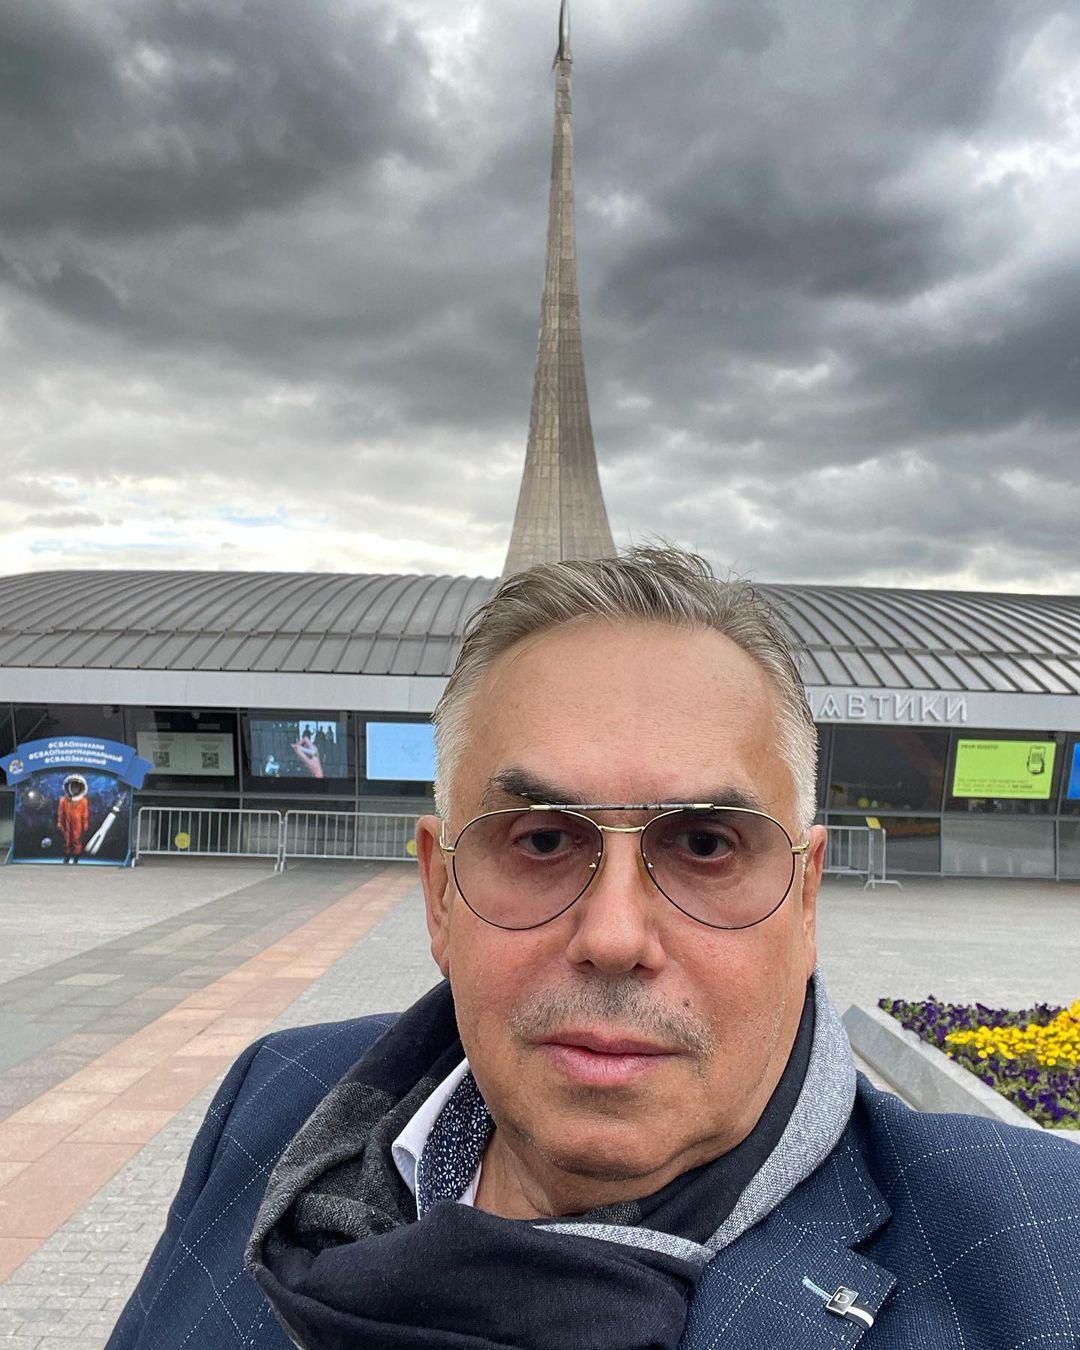 Станислав Садальский осудил Прохора Шаляпина за то, что тот живет на счет женщин